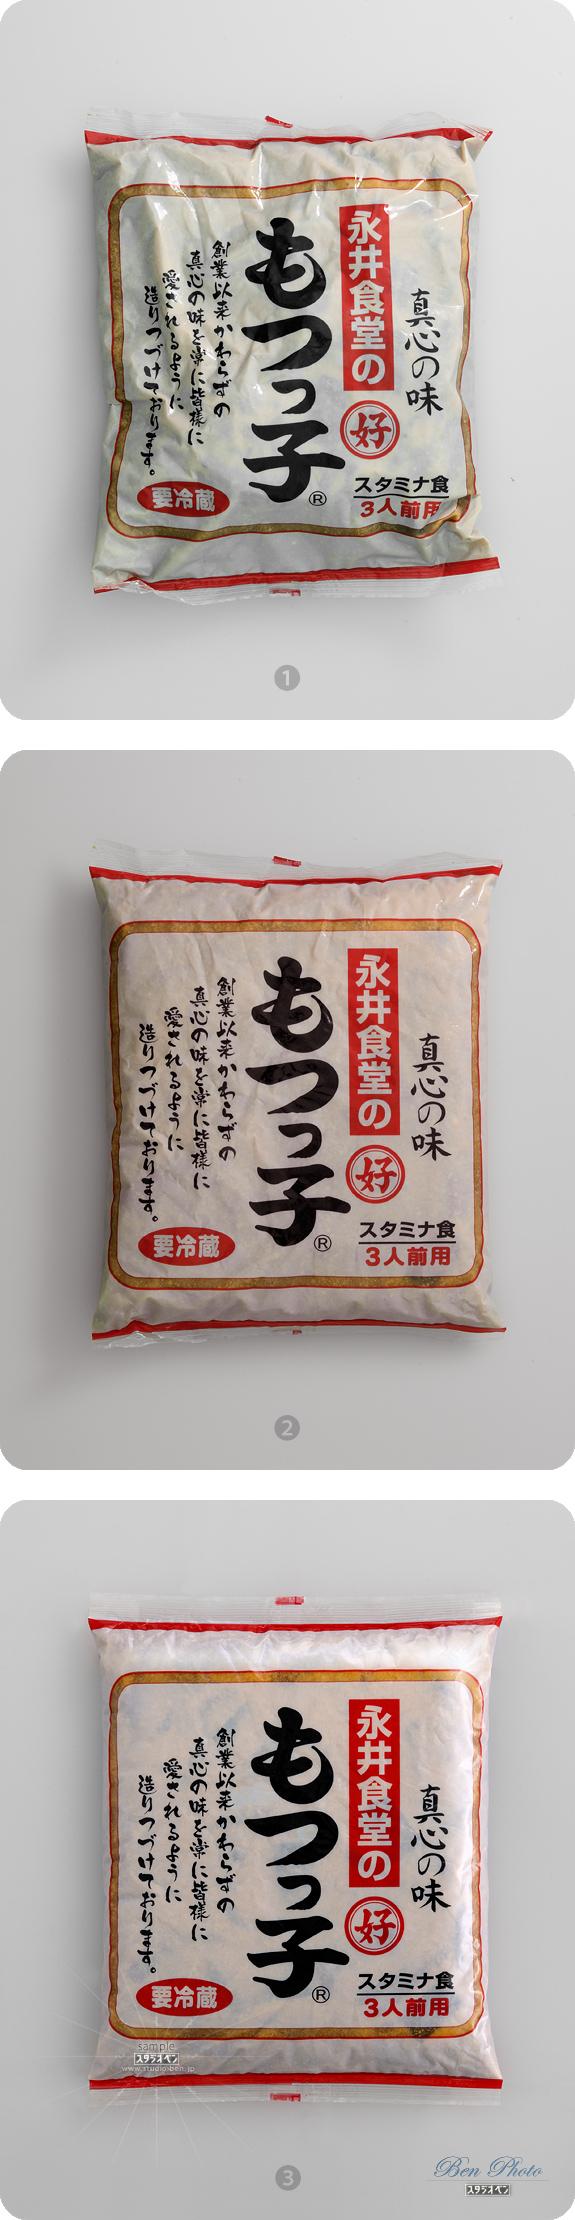 永井食堂 もつっ子_c0210599_343136.jpg